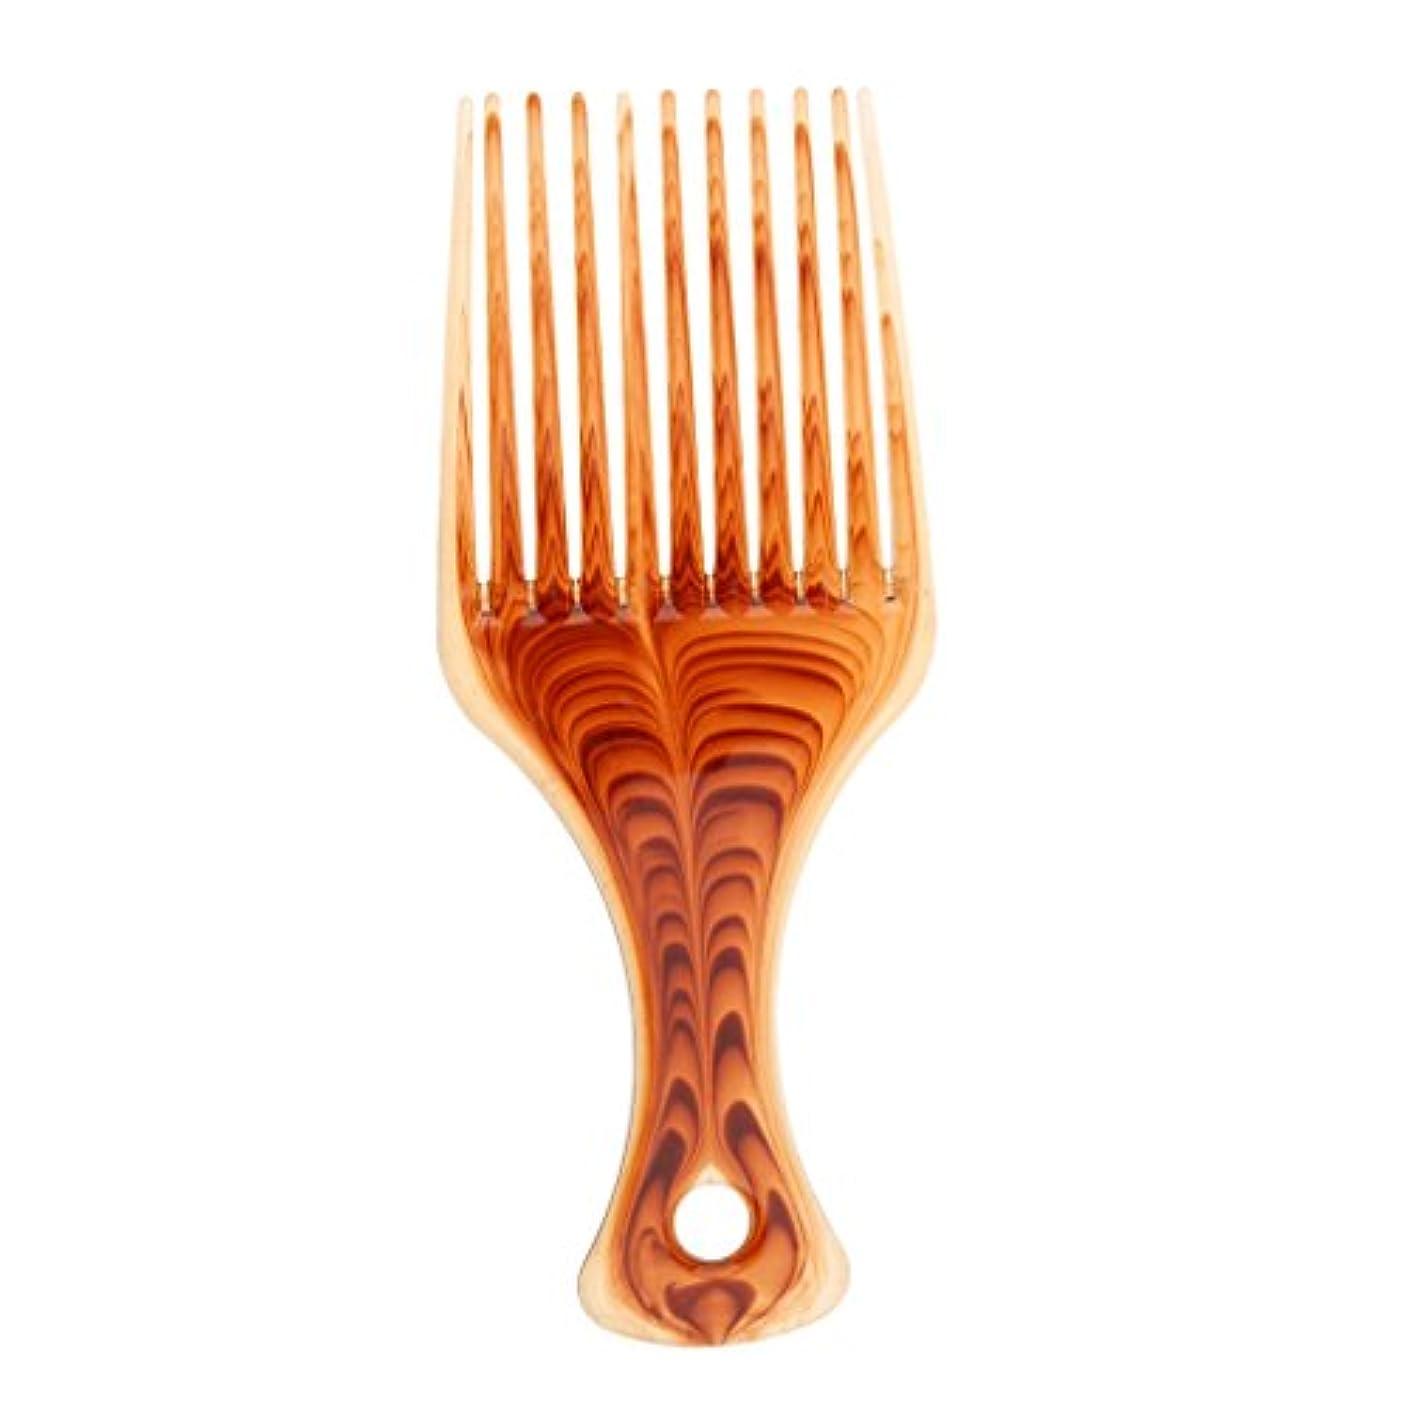 半ば他の場所マットヘアブラシ ヘアコーム くし プラスチック製 アフロ 髪の櫛 持ち上げ ヘアブラシ